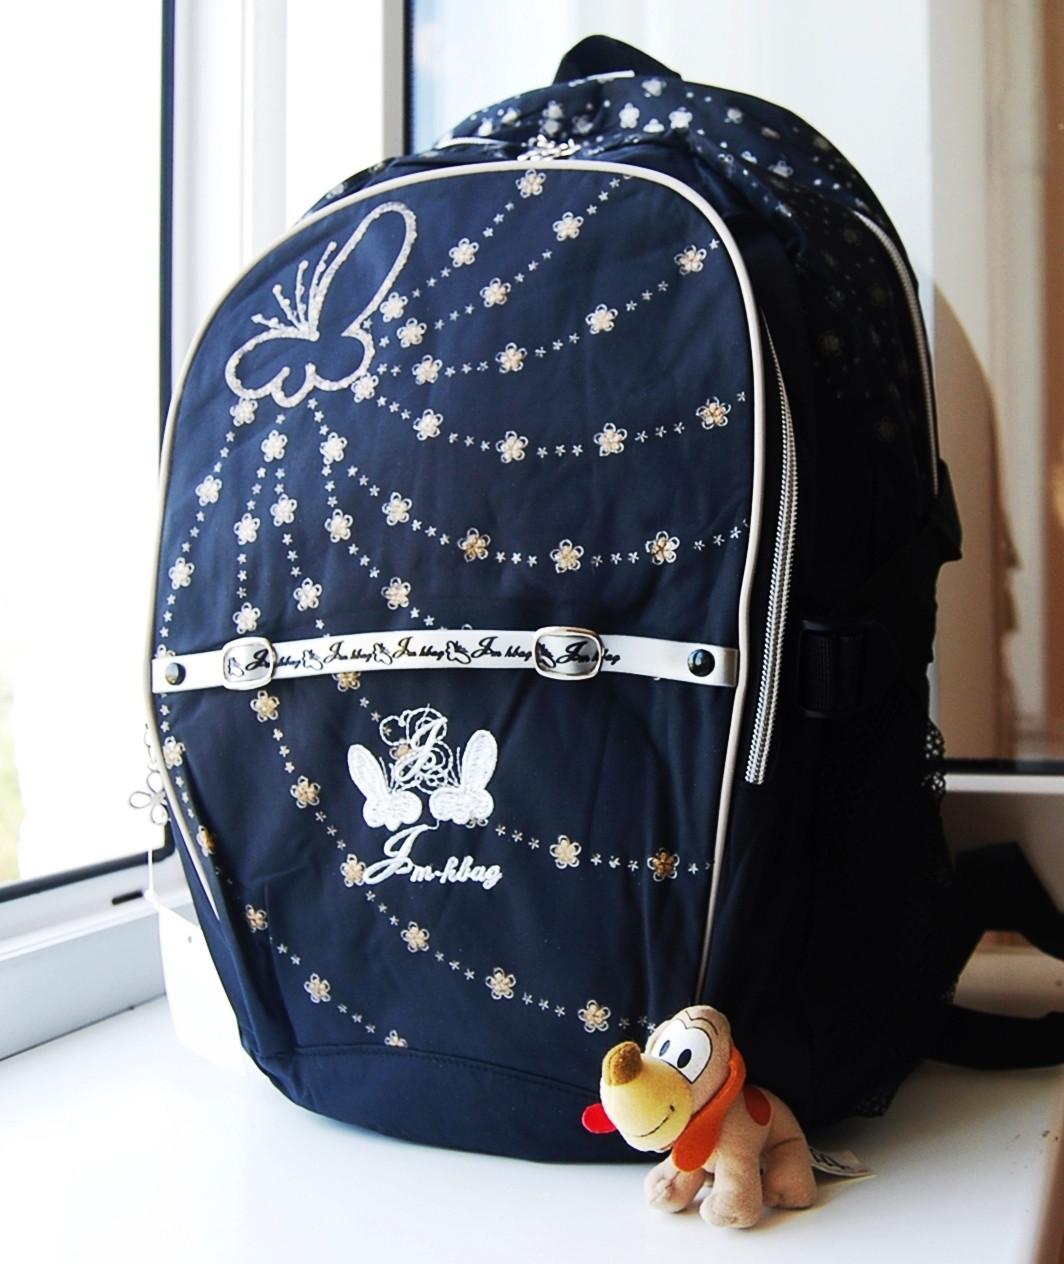 9067f5118261 Рюкзак для девочек. Городской рюкзак. Стильный рюкзак. Модный рюкзак.  Рюкзаки. -